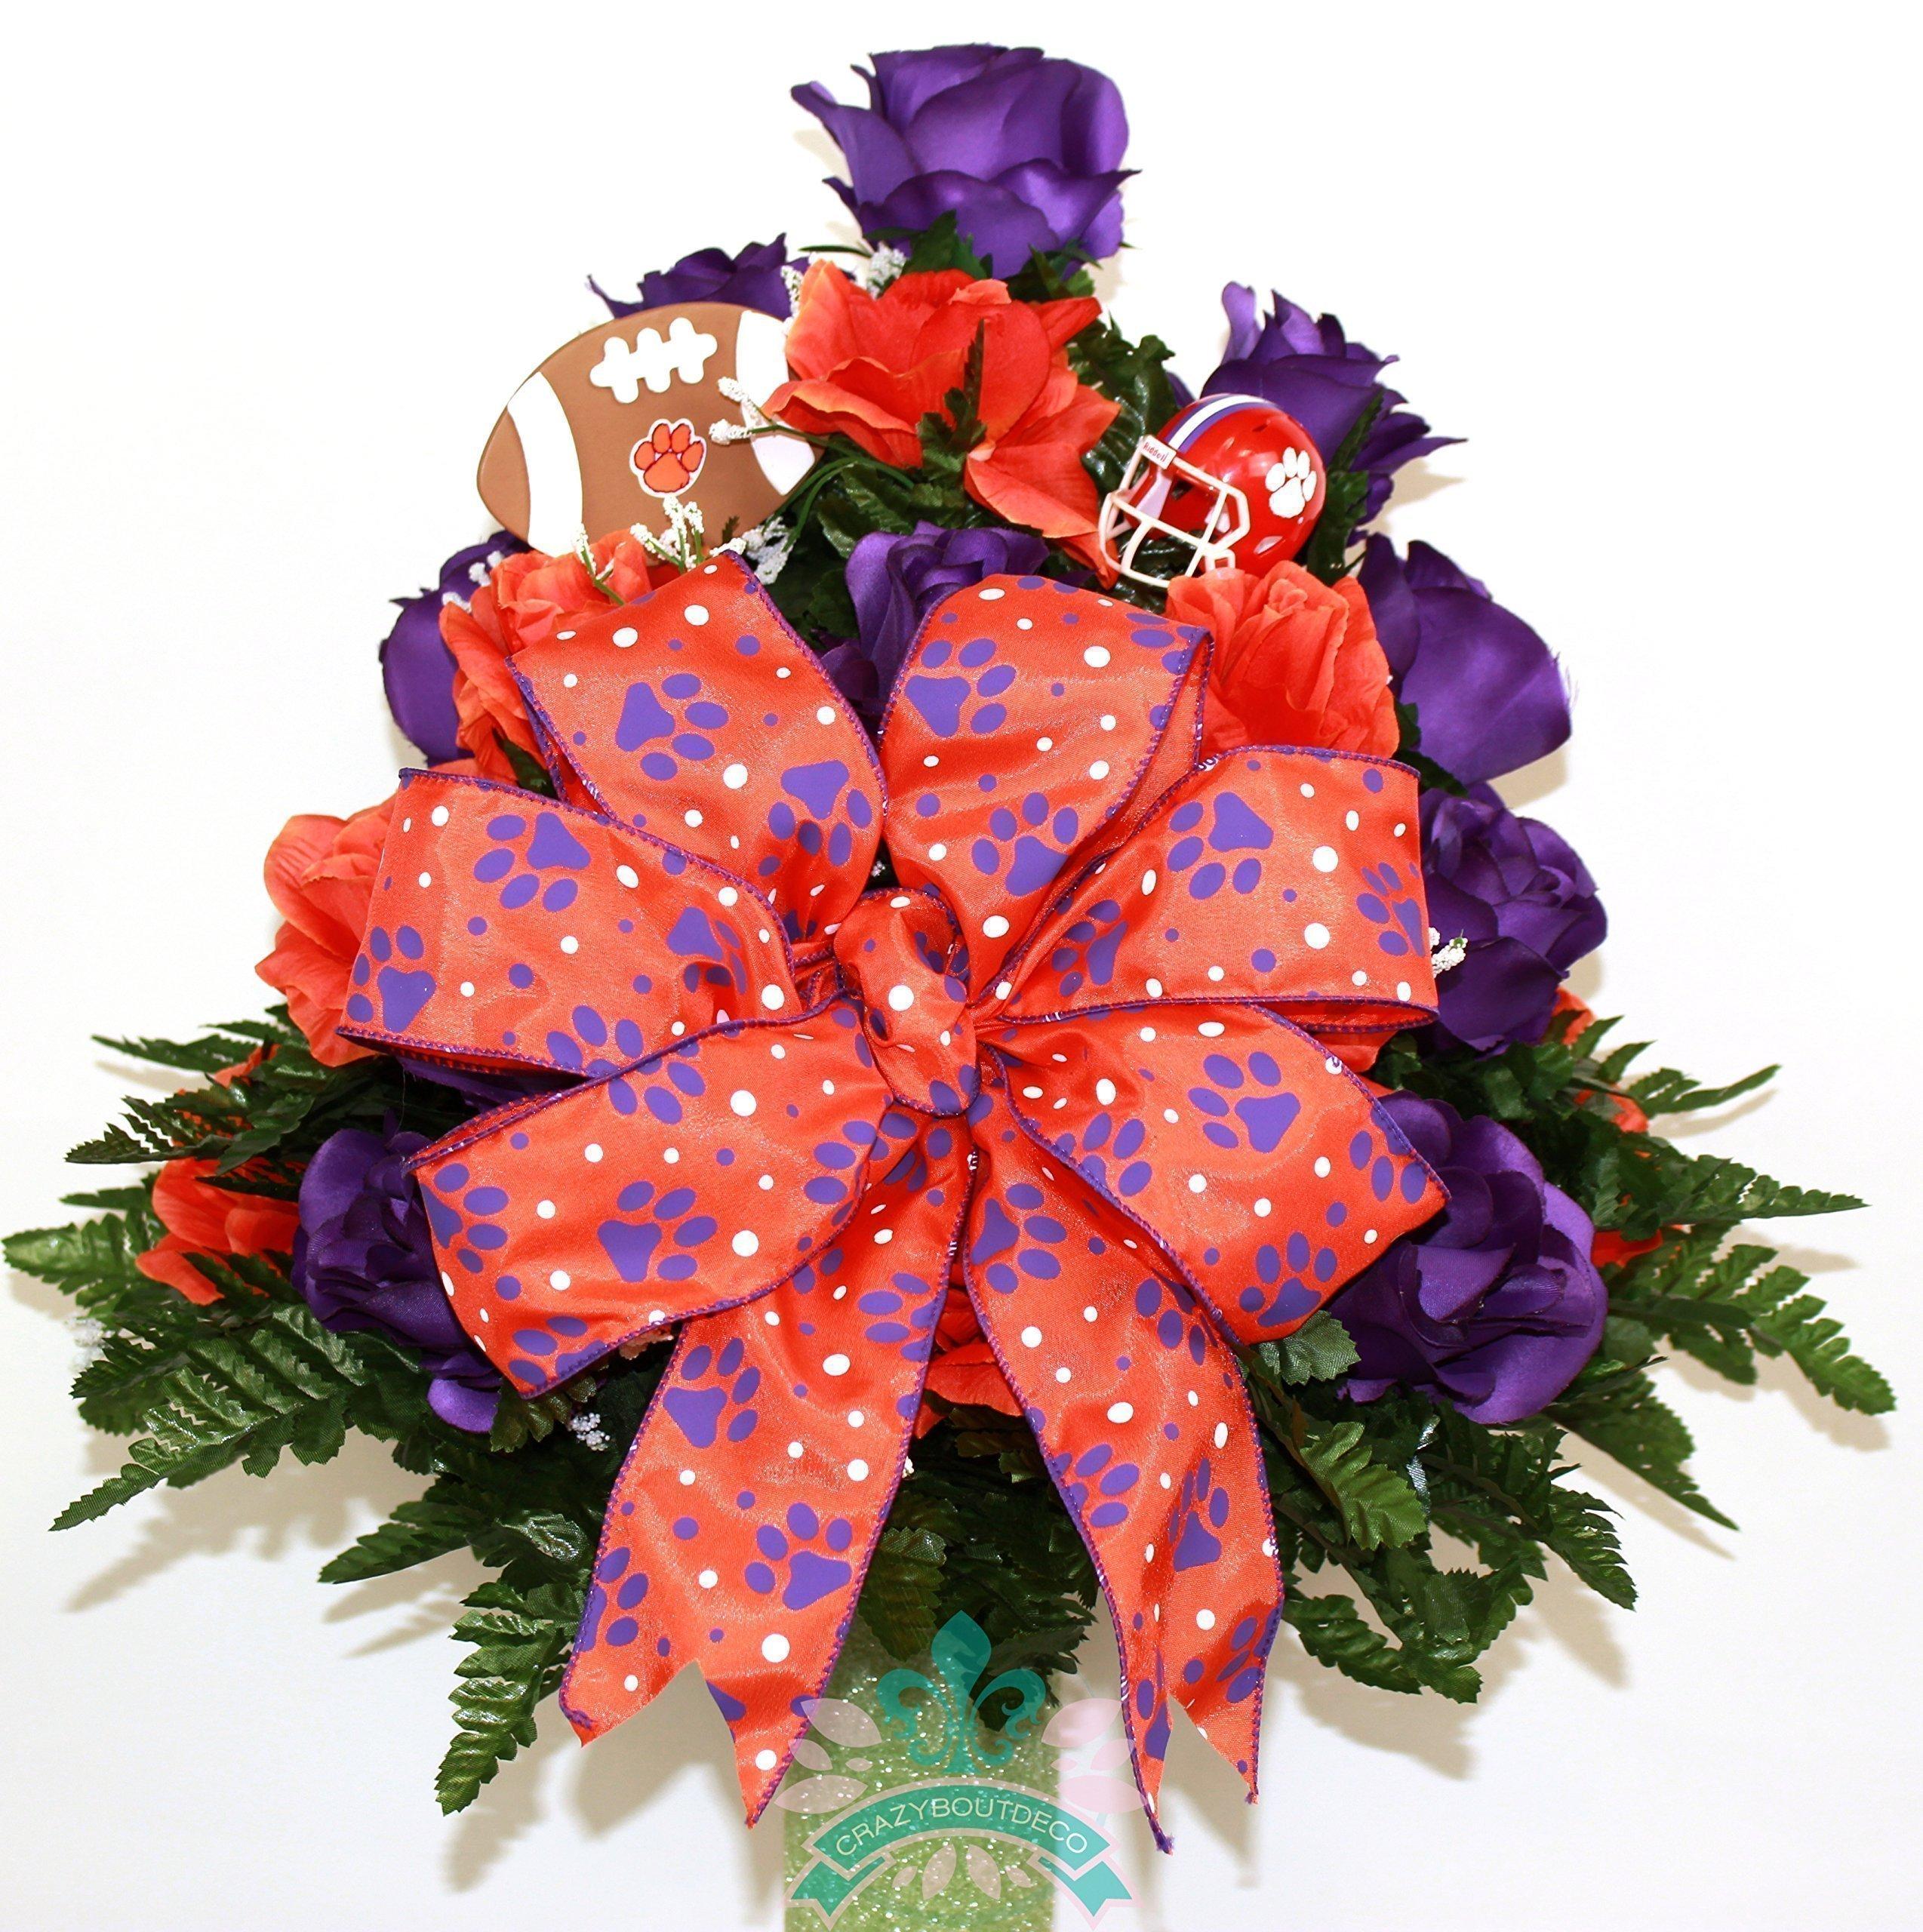 Clemson-Tigers-Fan-Cemetery-Vase-Arrangement